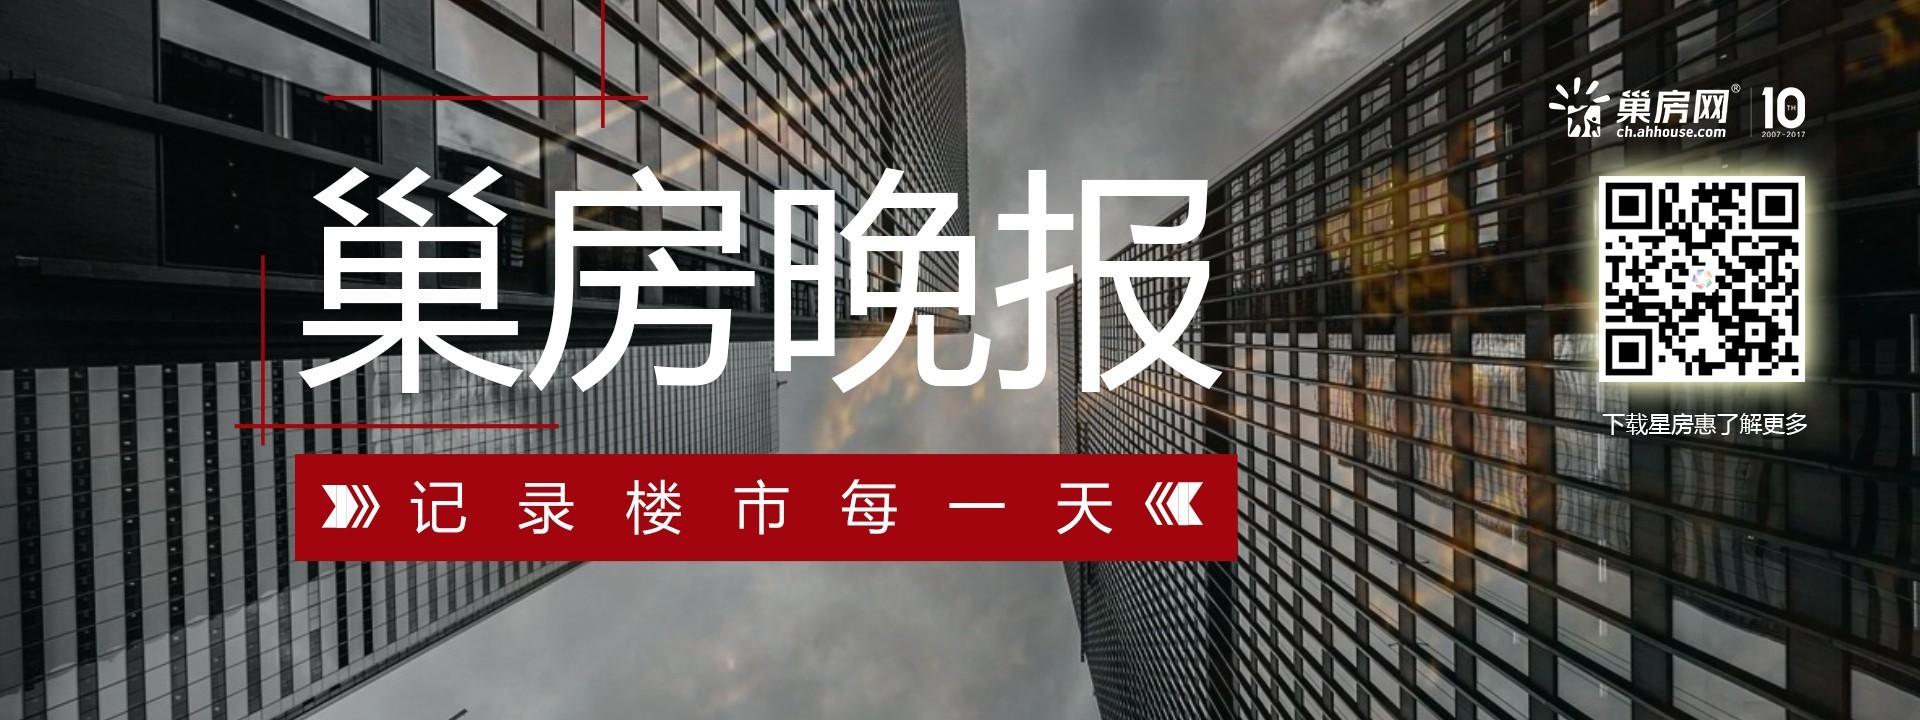 9月13日巢房网新闻晚报: 巢湖两盘加推在即